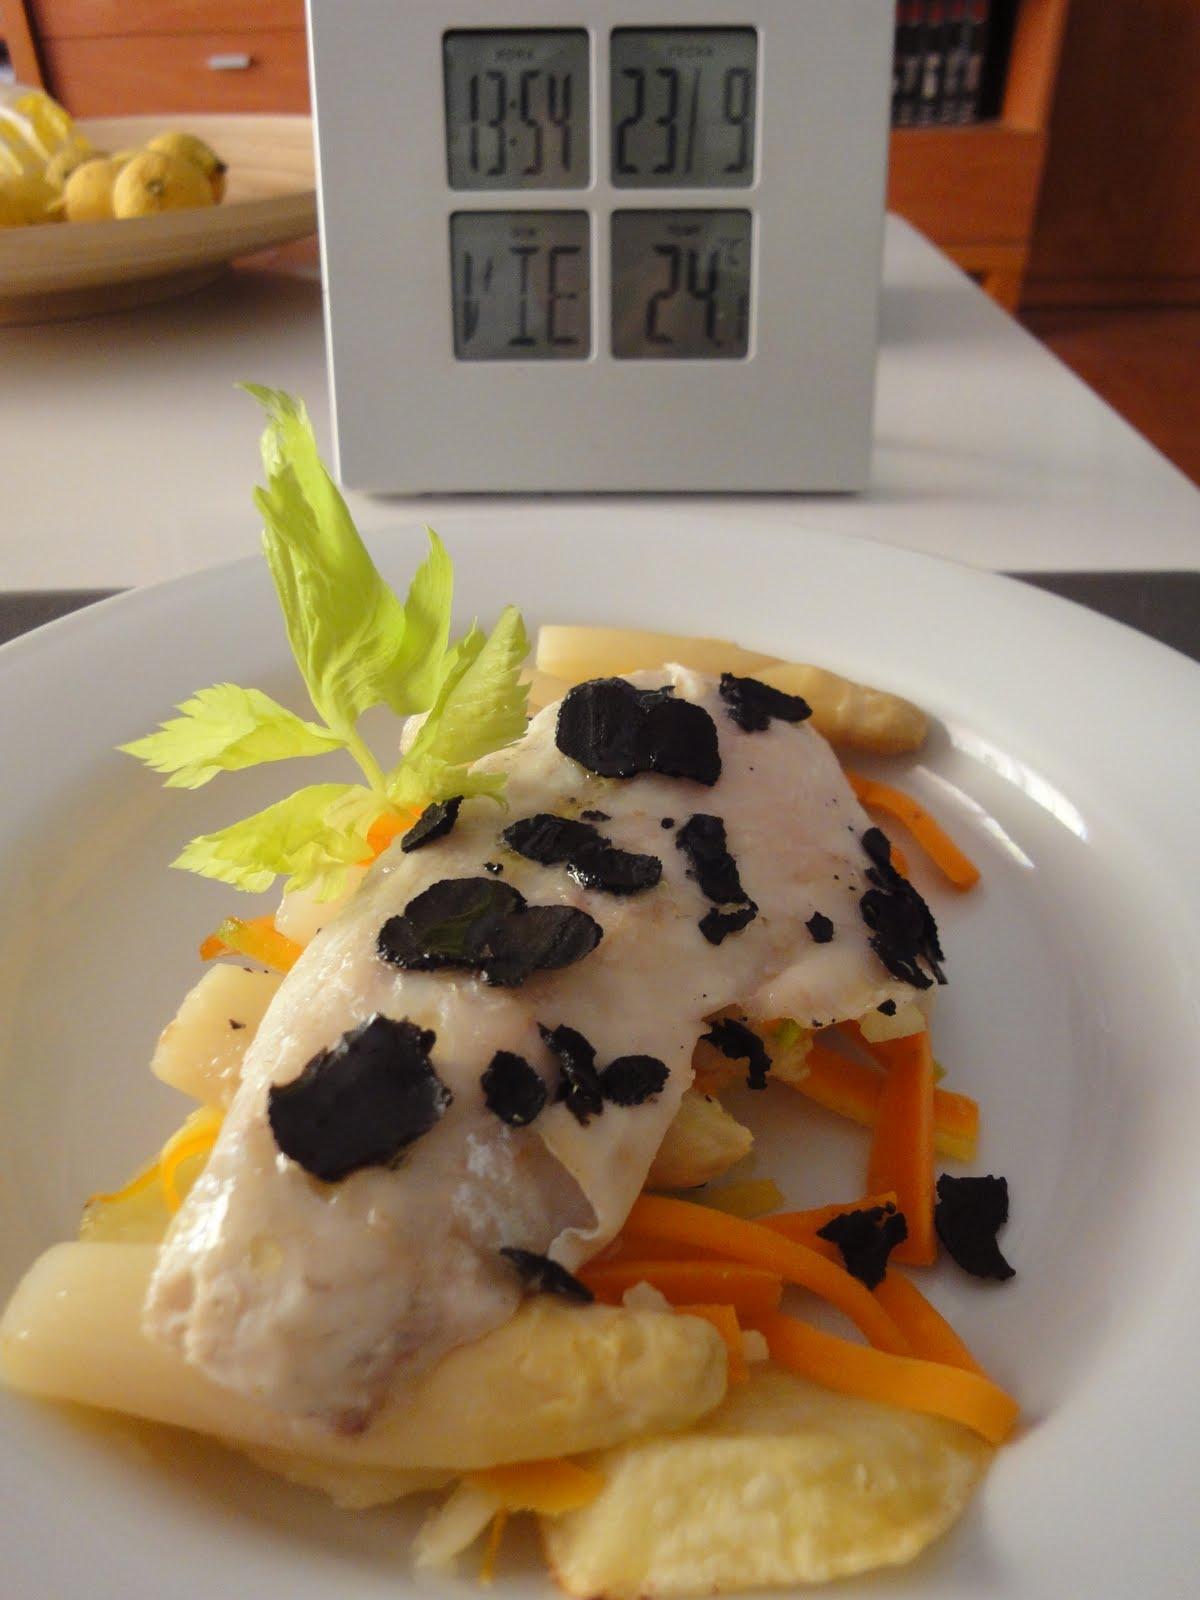 Clases de cocina zaragoza lubina en papillote con trufa - Cursos de cocina zaragoza ...